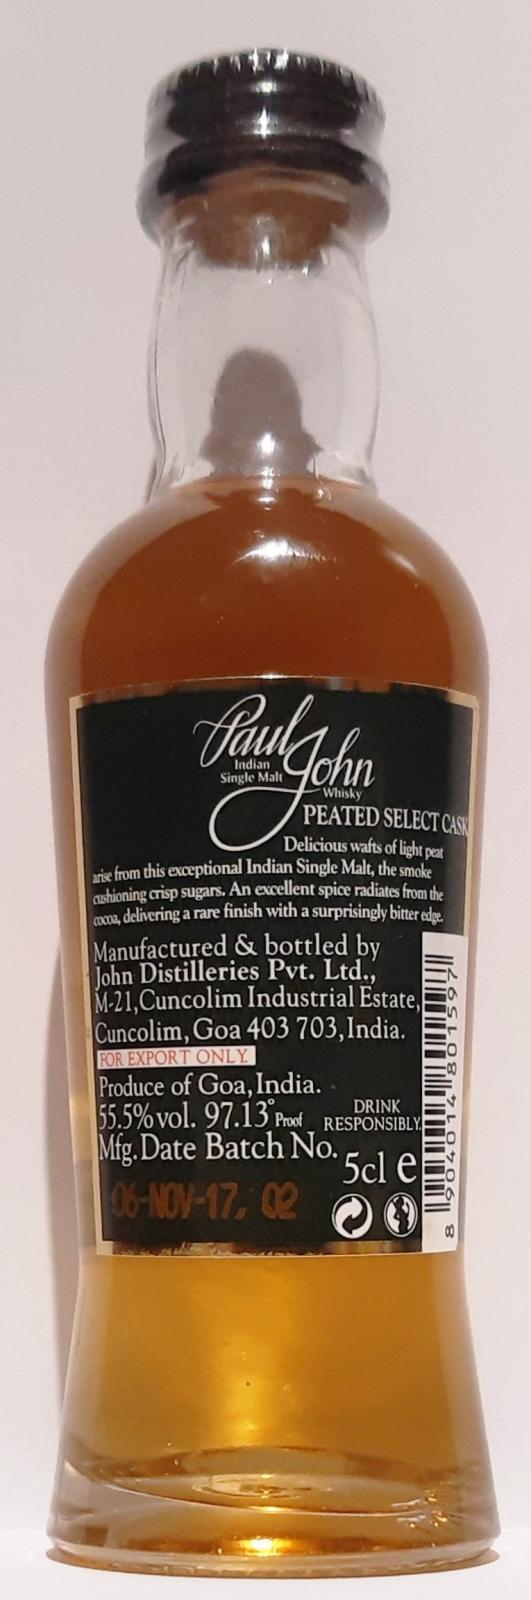 Paul John Peated Select Cask